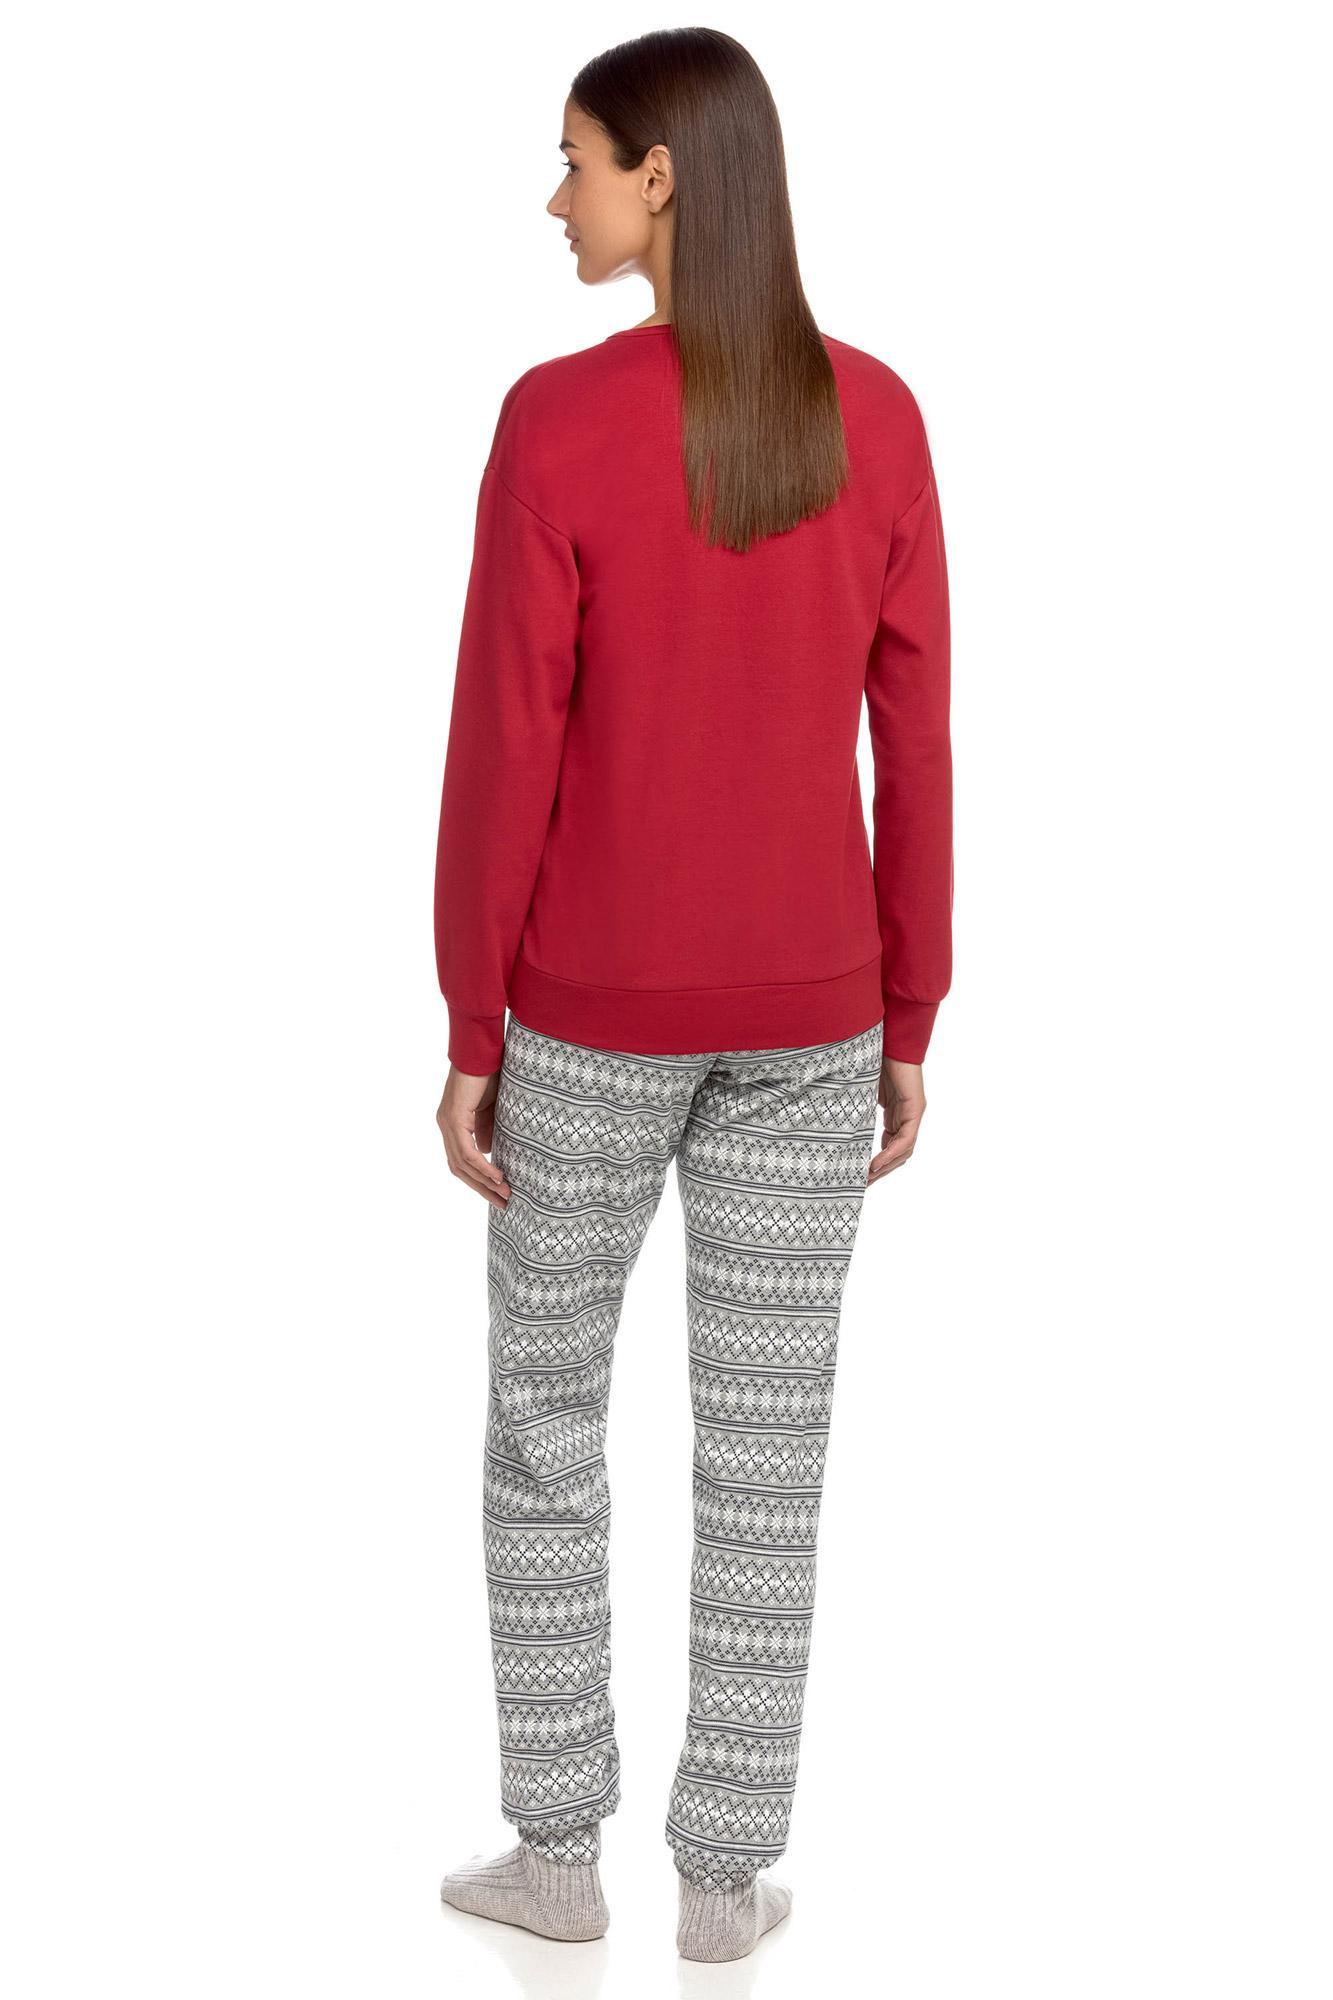 Vamp - Pohodlné dámské pyžamo RED FLAME XL 15675 - Vamp